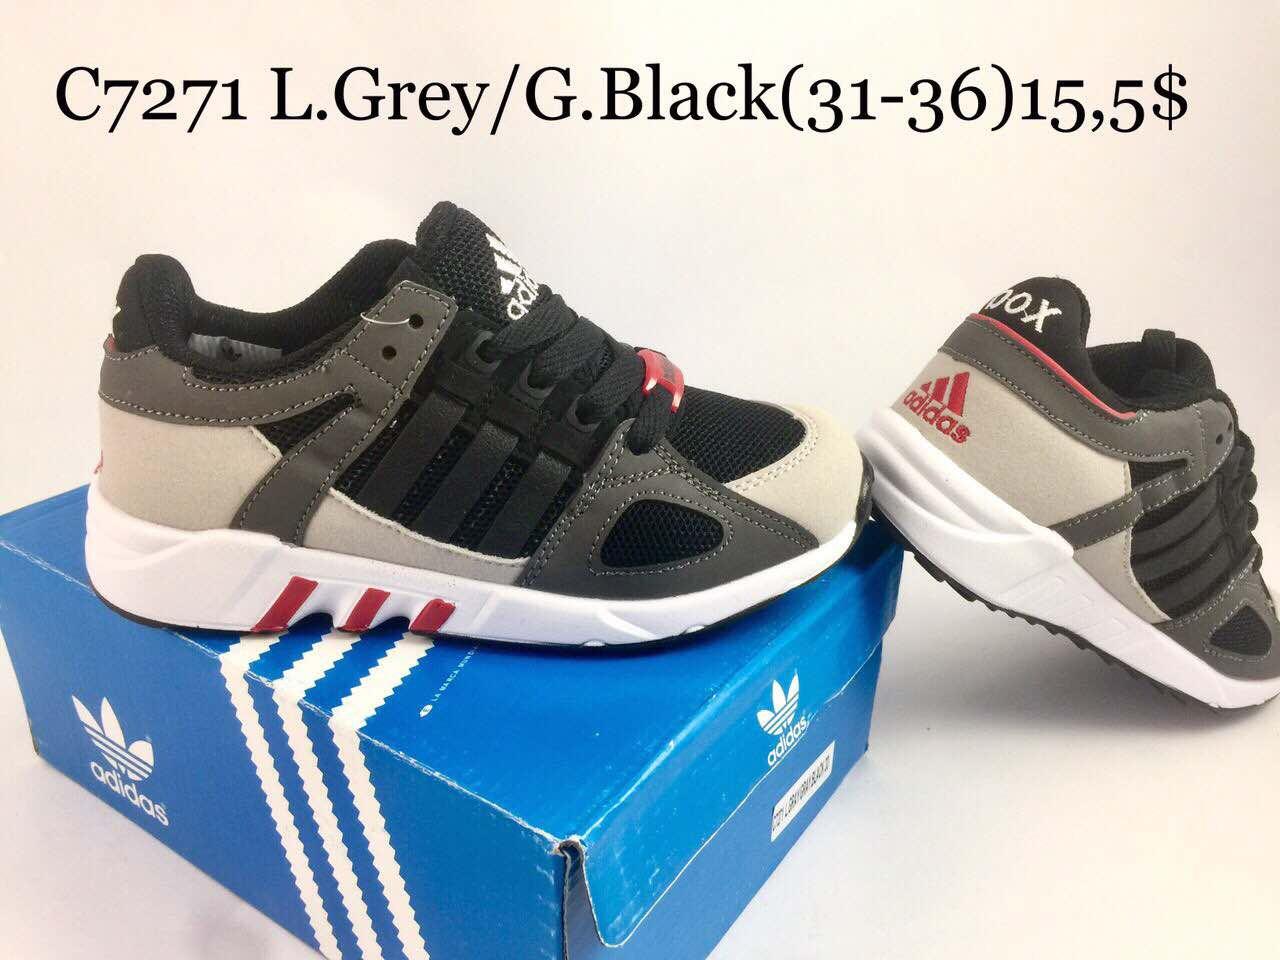 8583c867aa7f Детские кроссовки оптом от Adidas (31-36), цена 408,90 грн., купить ...